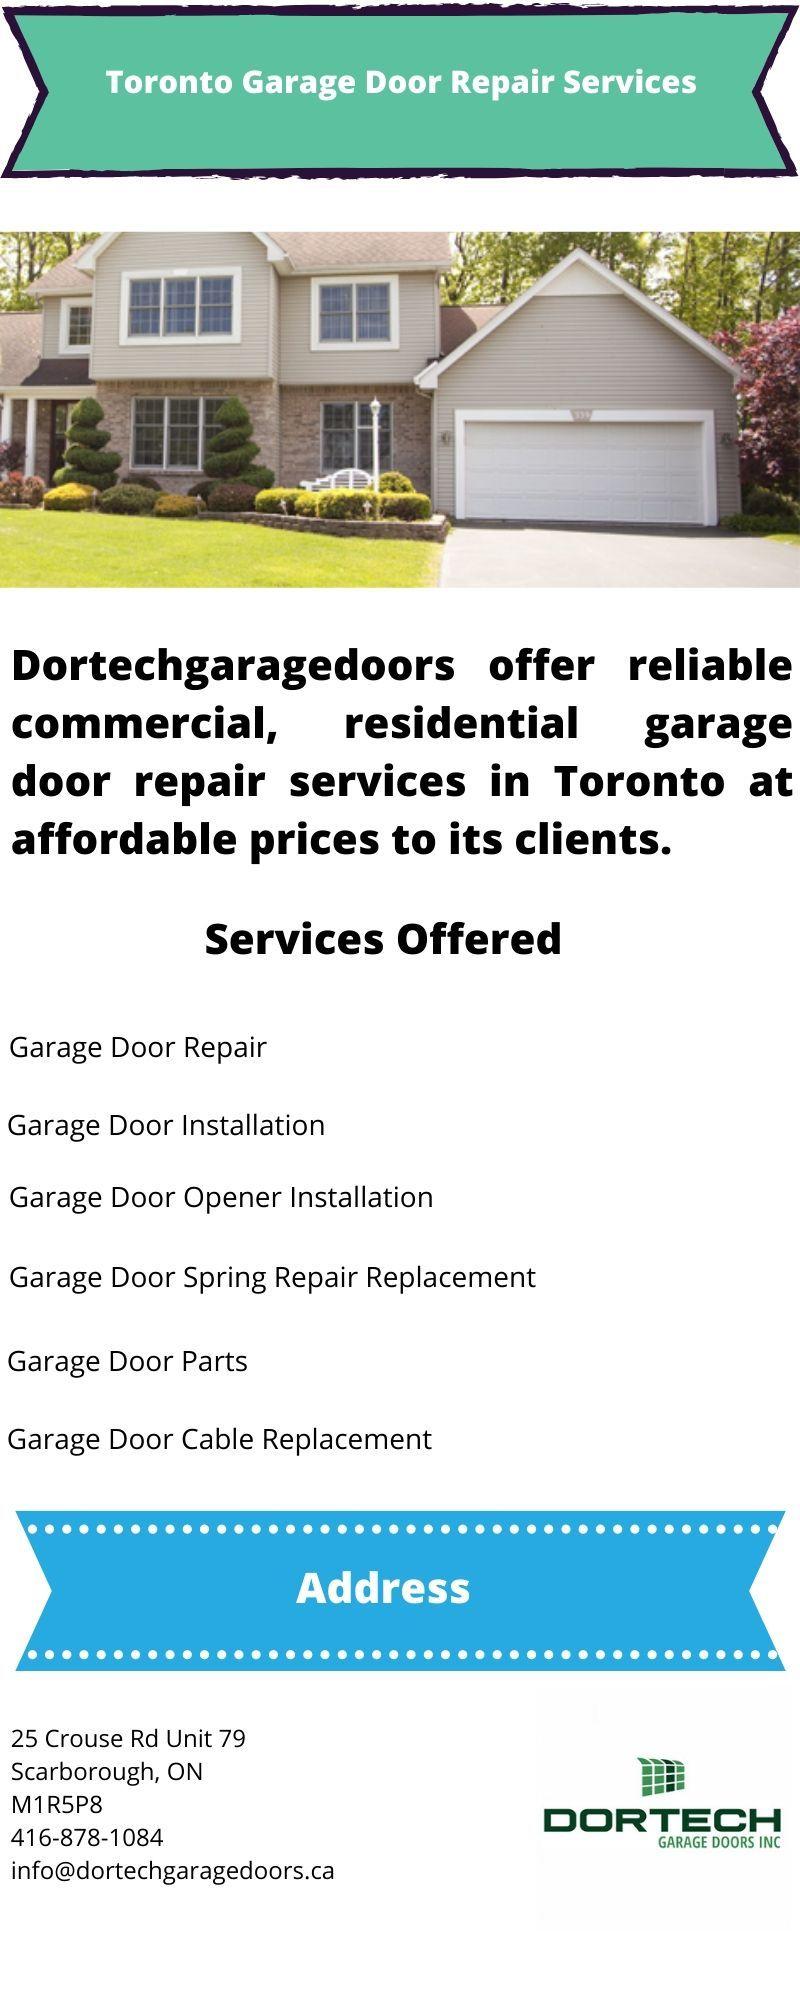 Toronto Garage Door Repair Garage Door Repair Door Repair Garage Door Spring Repair